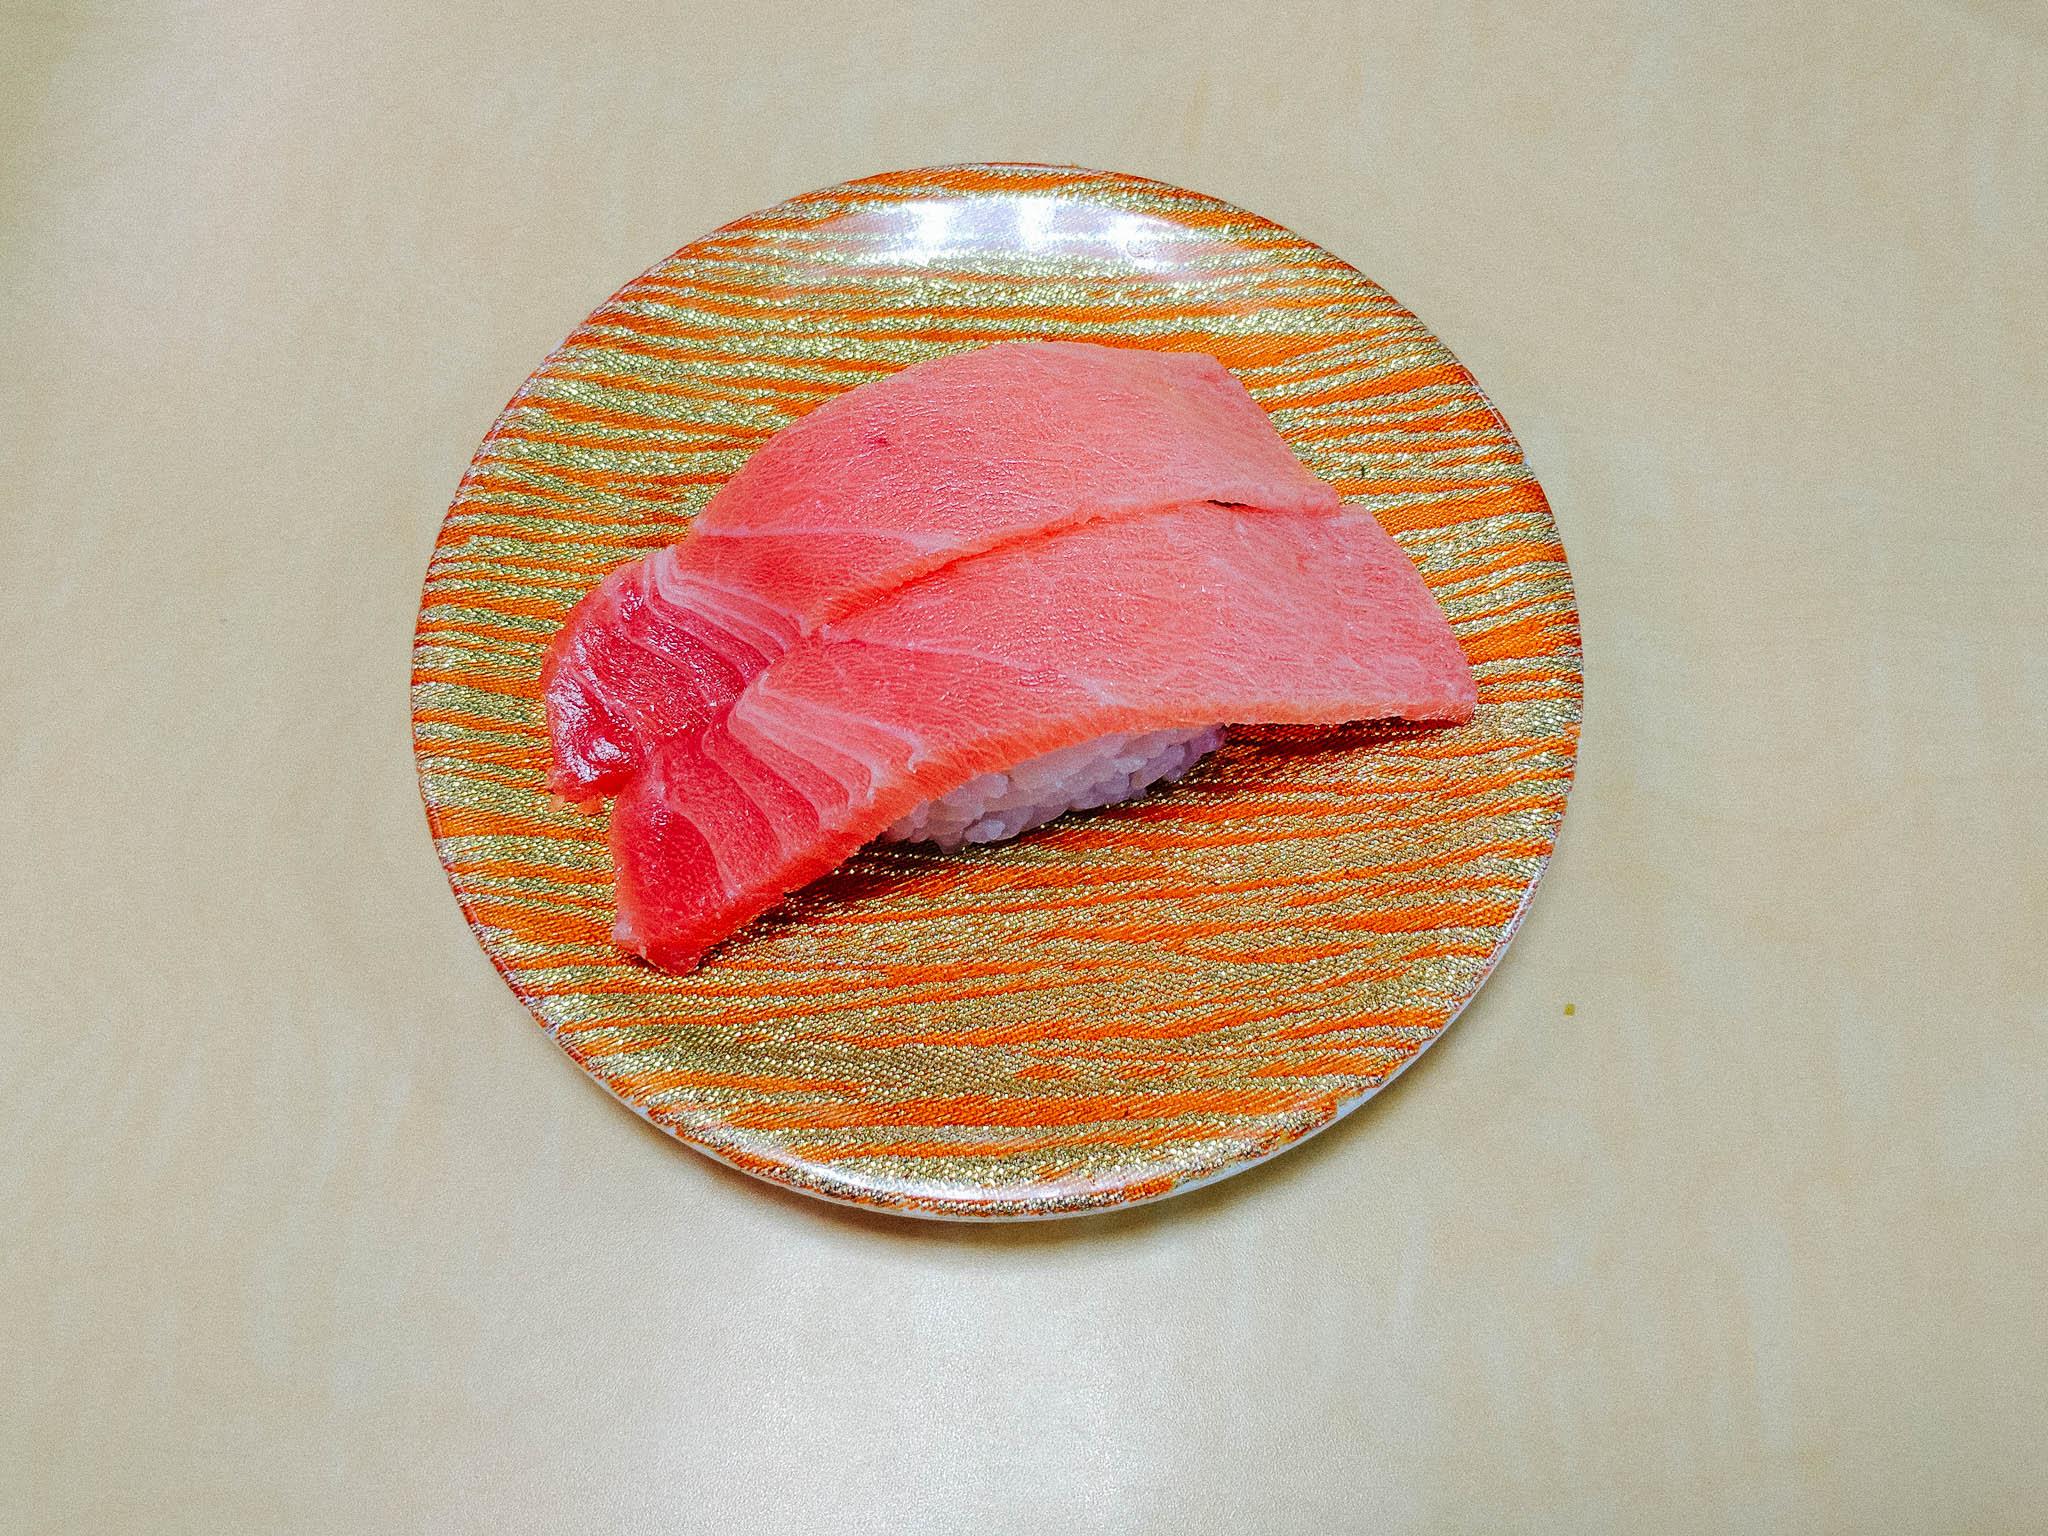 fujimaru-chutoro-sushi